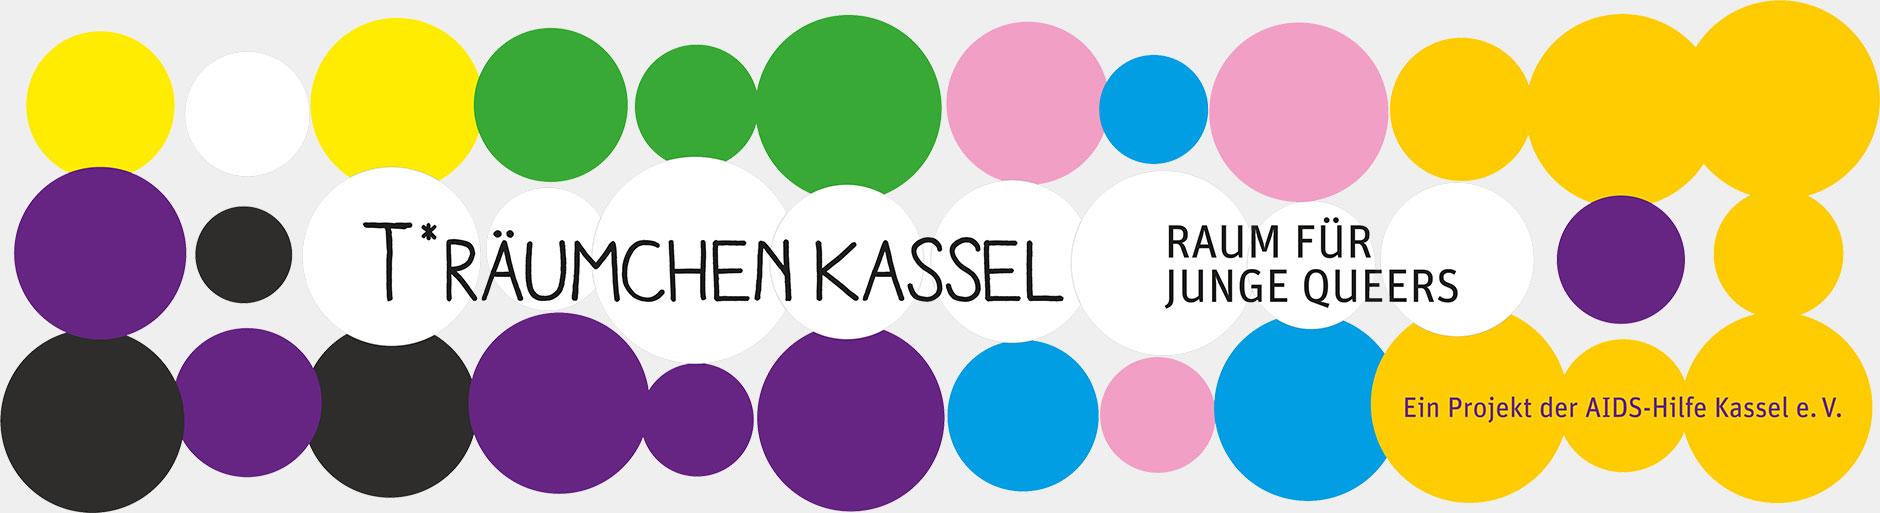 T*räumchen Kassel